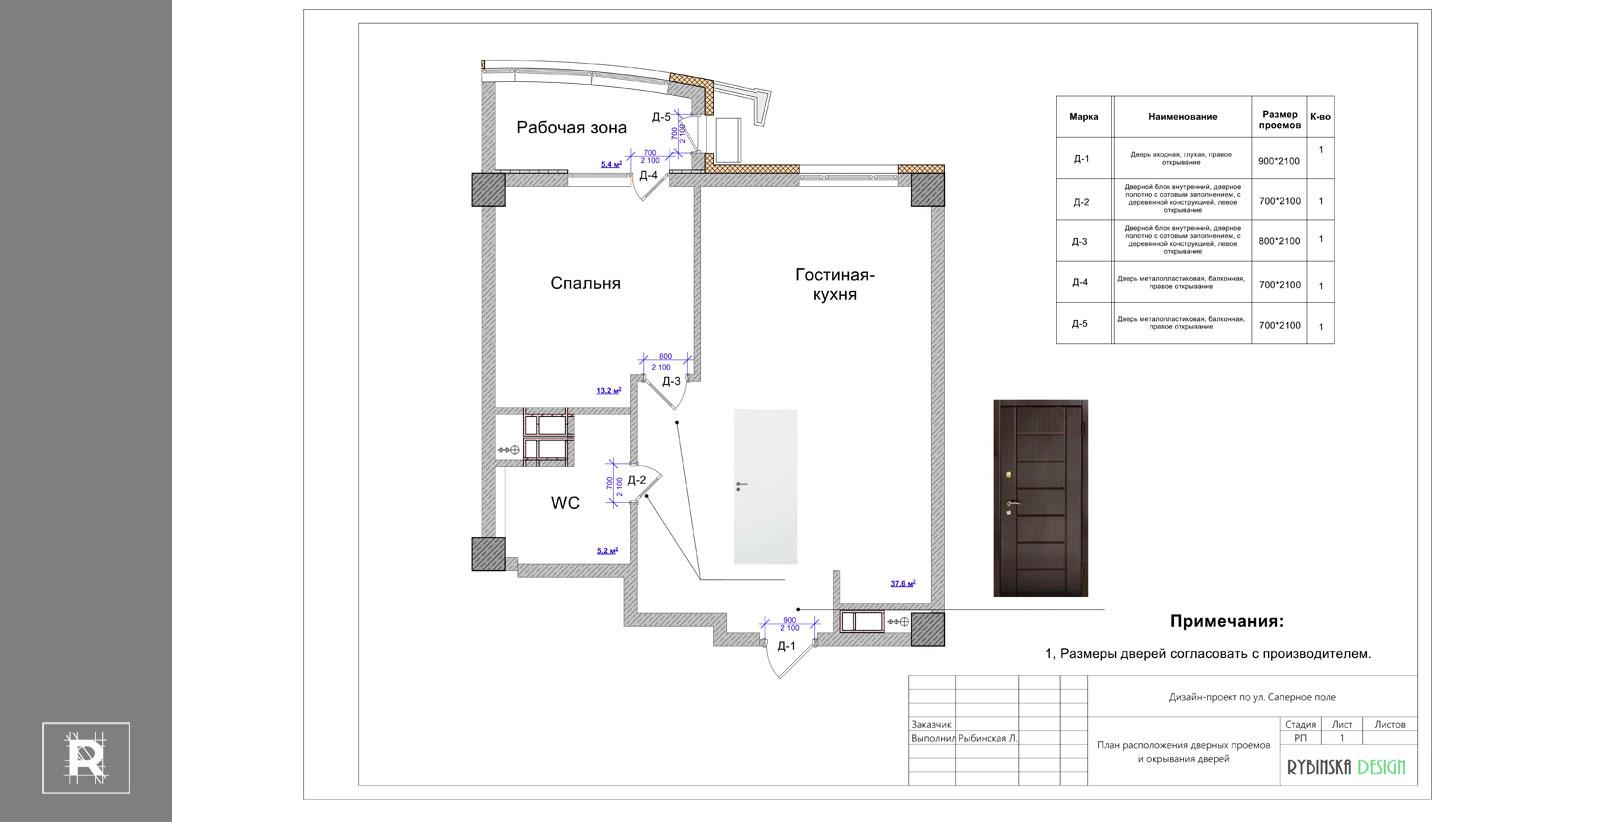 Пример - План дверей и проемов